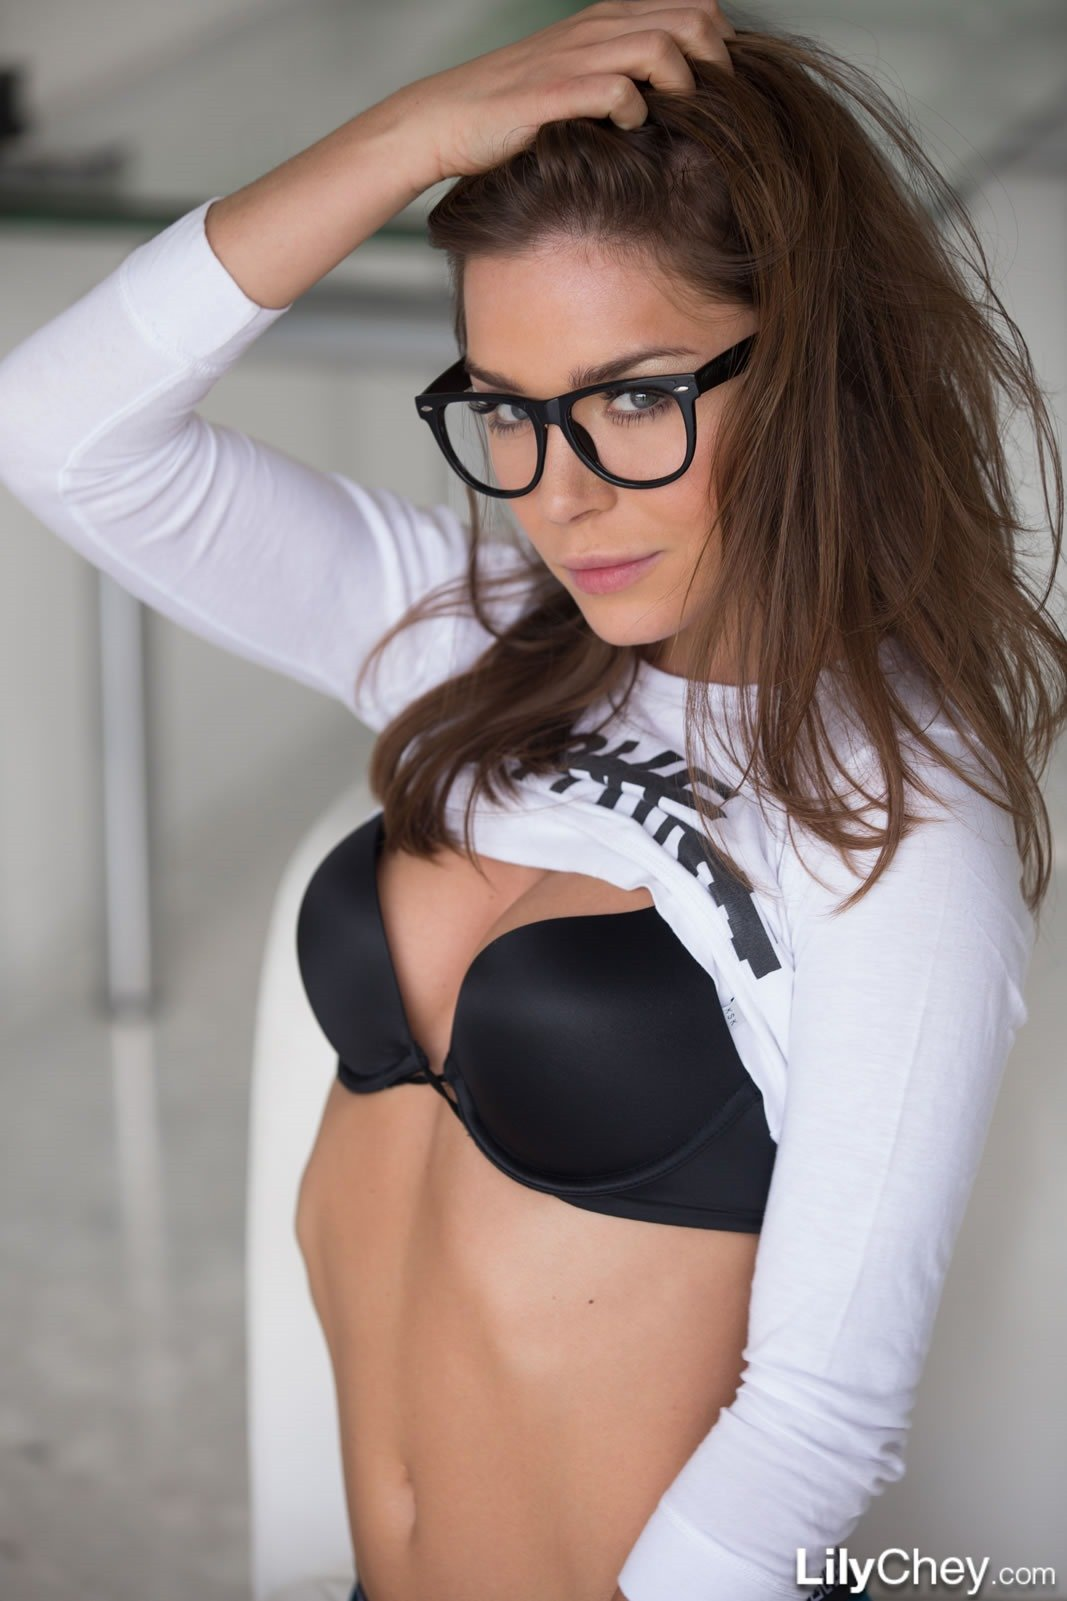 Big boobs and ass lesbians